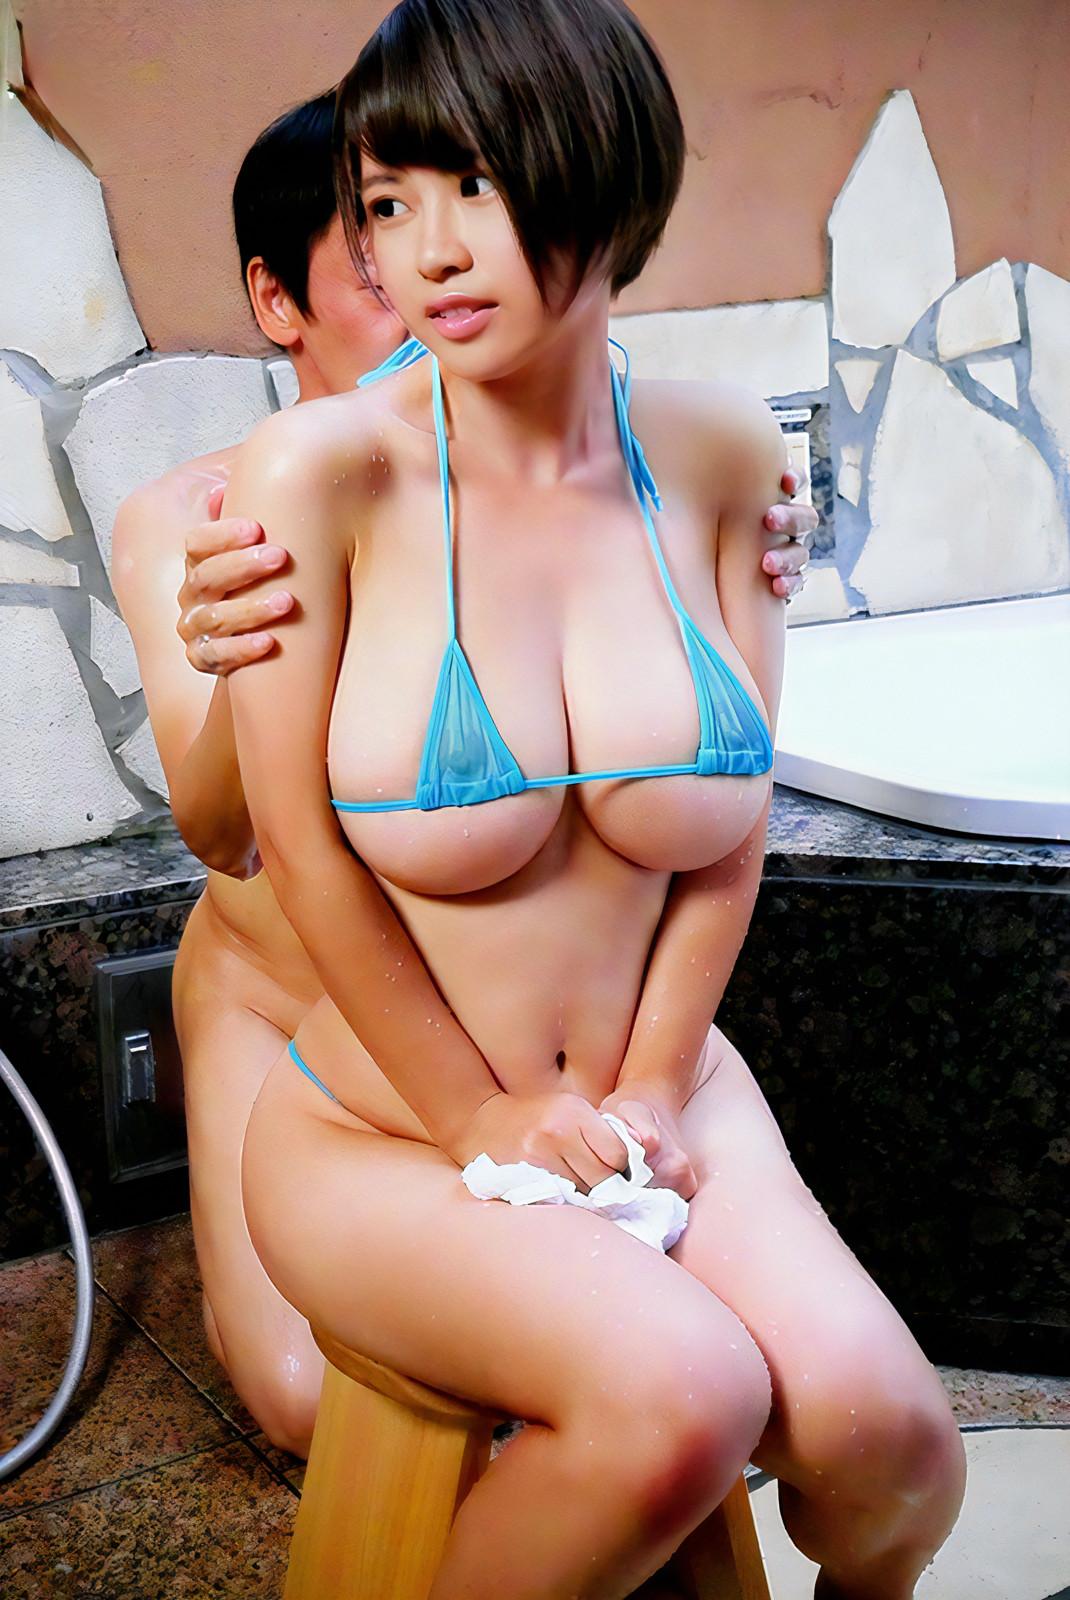 巨乳女子の下乳おっぱい